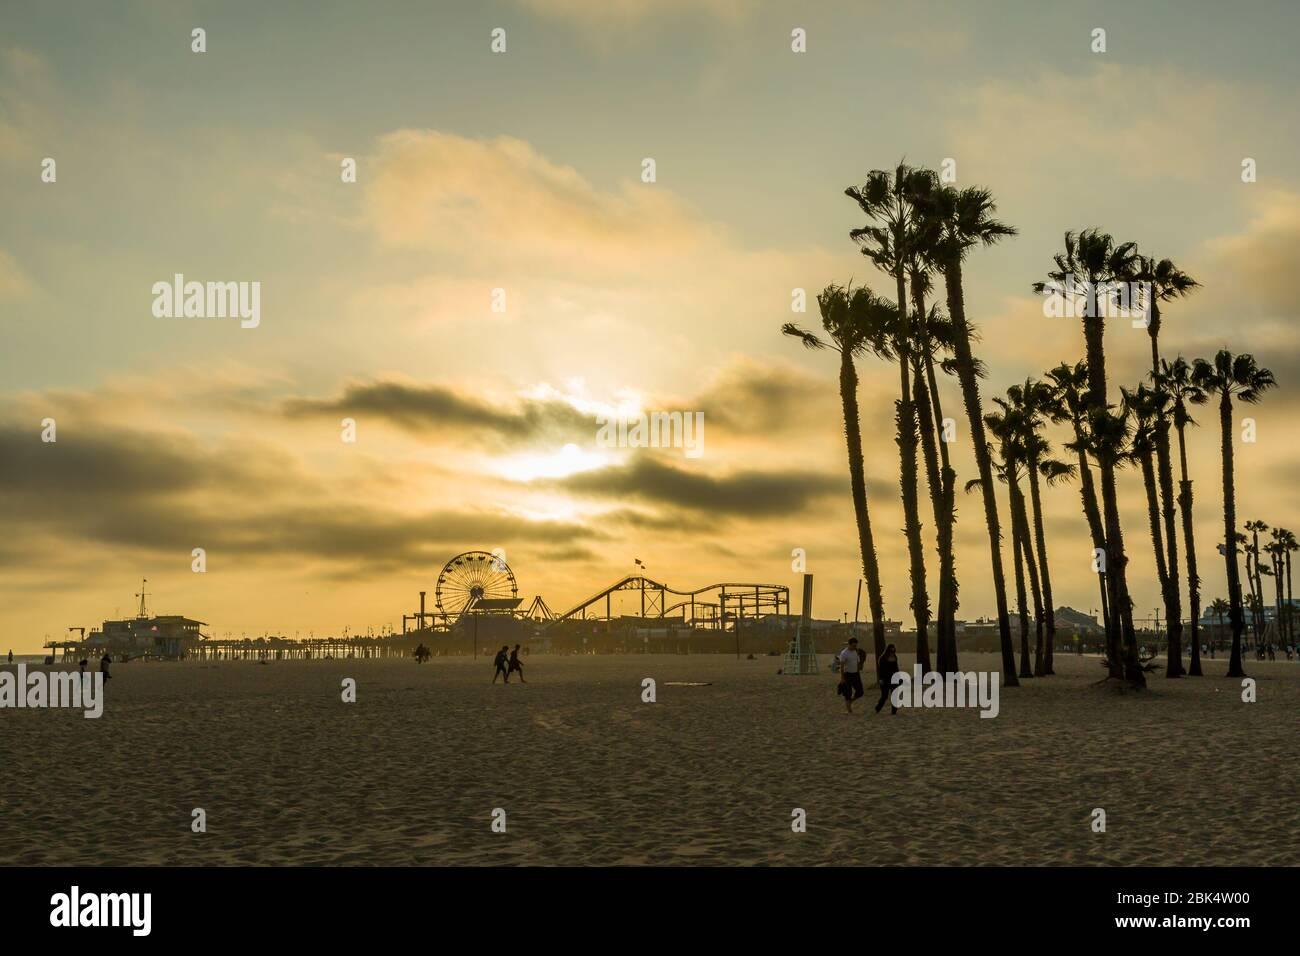 Blick auf Santa Monica Pier bei Sonnenuntergang, Santa Monica, Los Angeles, Kalifornien, Vereinigte Staaten von Amerika, Nordamerika Stockfoto